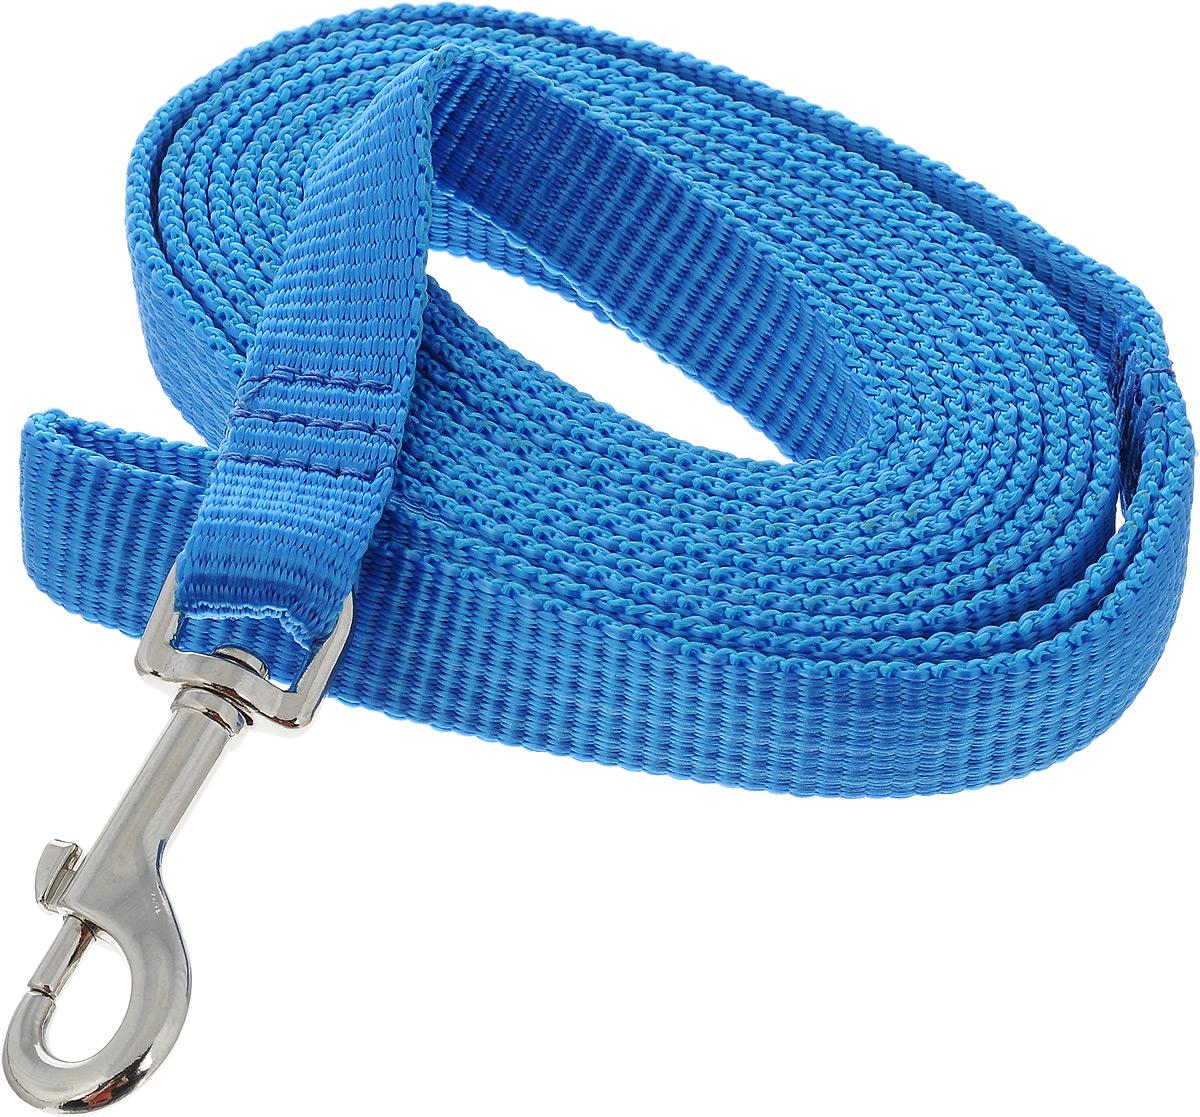 Поводок капроновый для собак Аркон, цвет: голубой, ширина 2 см, длина 3 мпк3м20_голубойПоводок для собак Аркон изготовлен из высококачественного цветного капрона и снабжен металлическим карабином. Изделие отличается не только исключительной надежностью и удобством, но и привлекательным современным дизайном. Поводок - необходимый аксессуар для собаки. Ведь в опасных ситуациях именно он способен спасти жизнь вашему любимому питомцу. Иногда нужно ограничивать свободу своего четвероногого друга, чтобы защитить его или себя от неприятностей на прогулке. Длина поводка: 3 м. Ширина поводка: 2 см. Уважаемые клиенты! Обращаем ваше внимание на то, что товар может содержать светодиодную ленту.